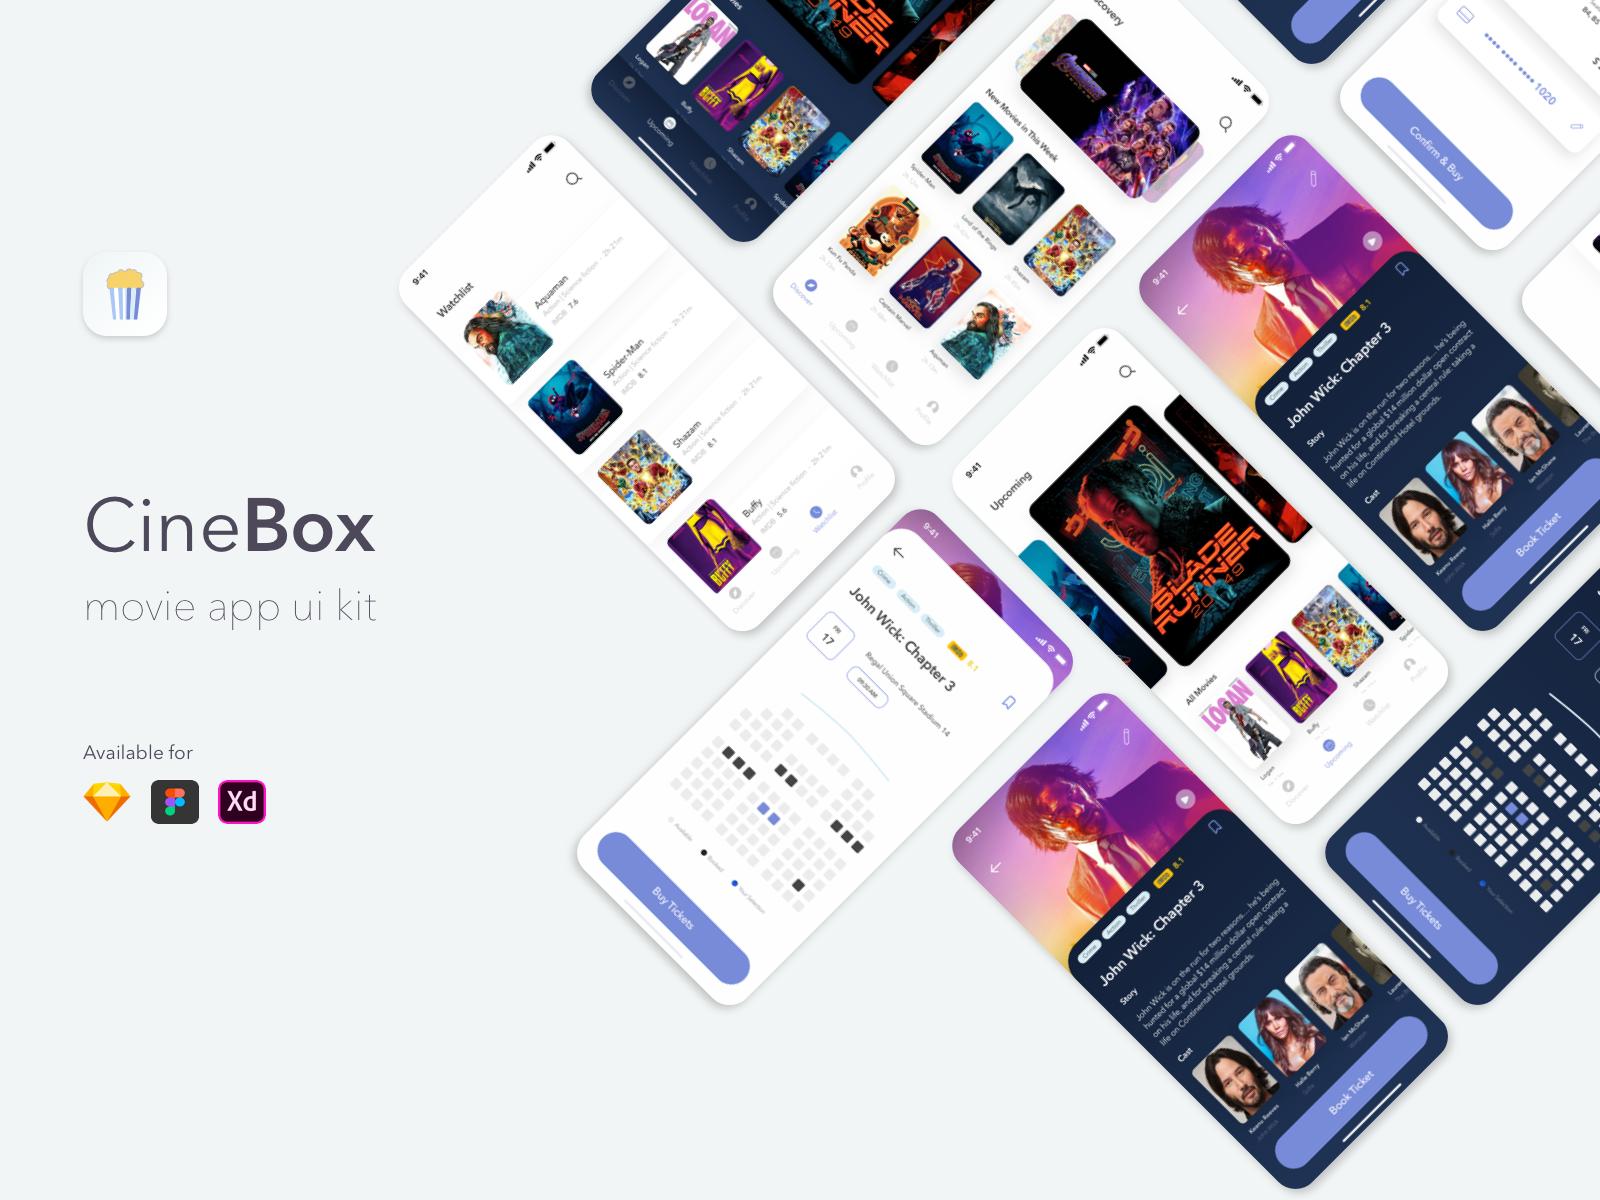 漂亮的电影/视频应用APP  CineBox Movie App UI&UX